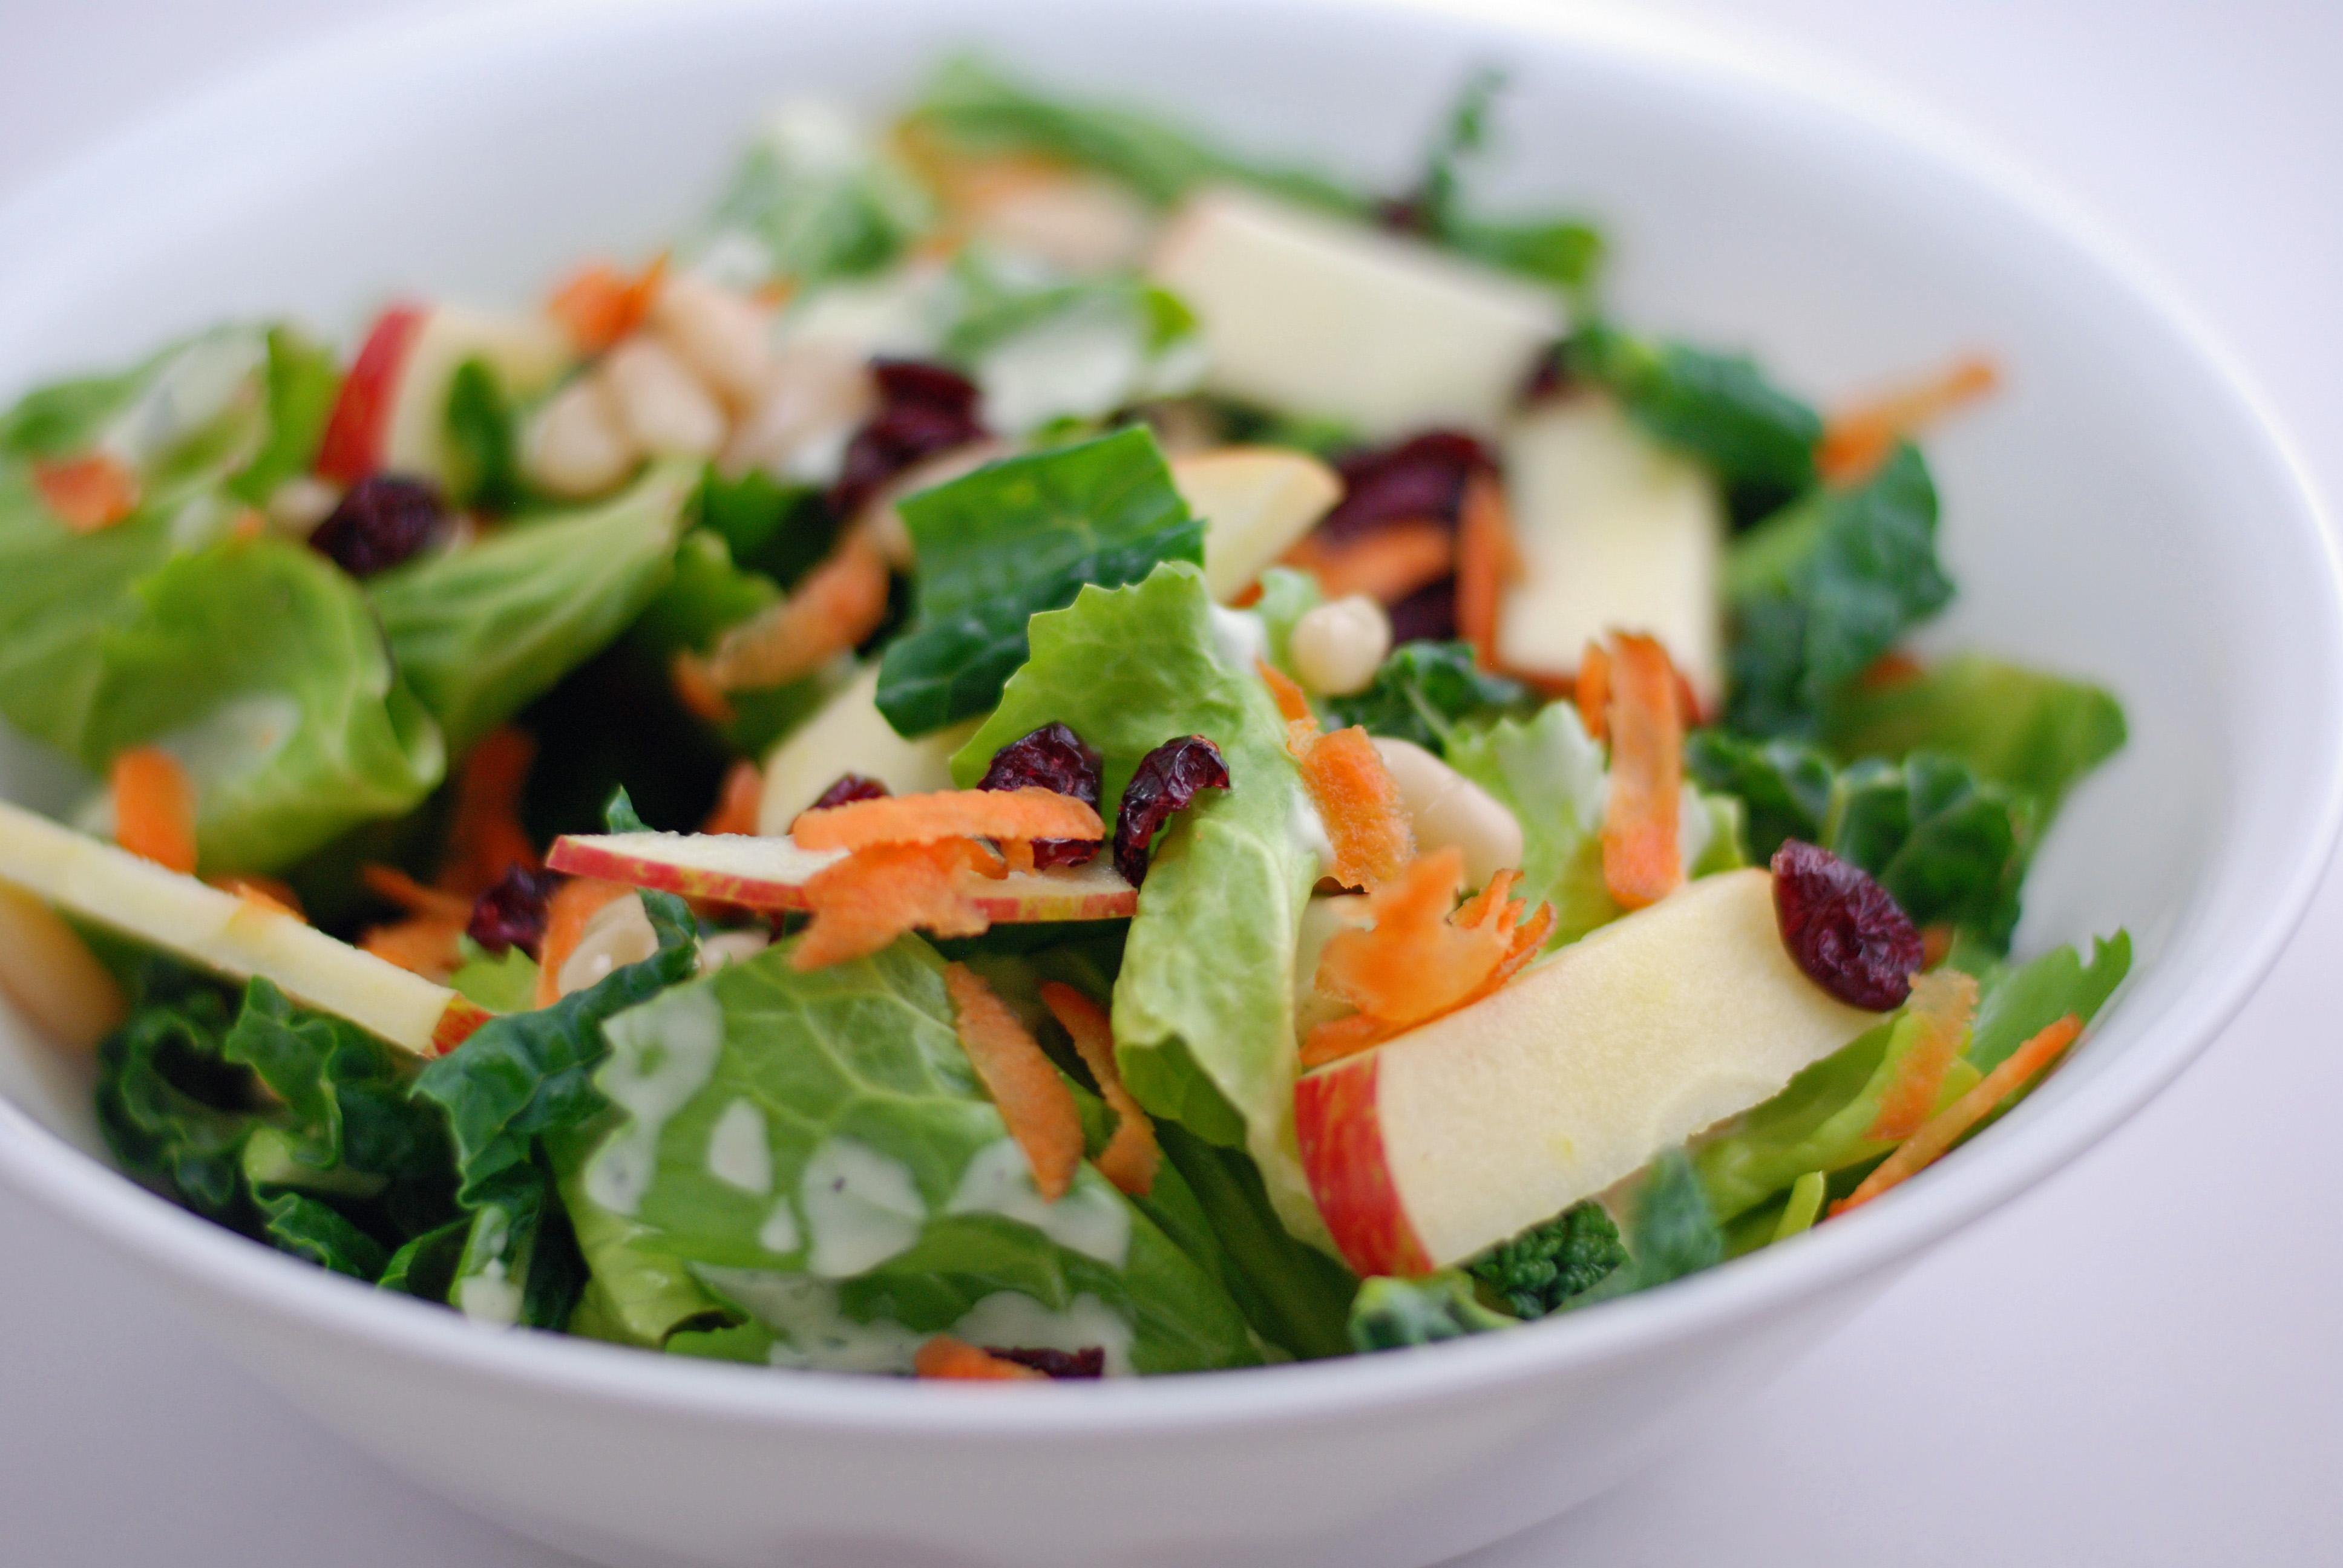 рецепт салатов из капусты с клюквой